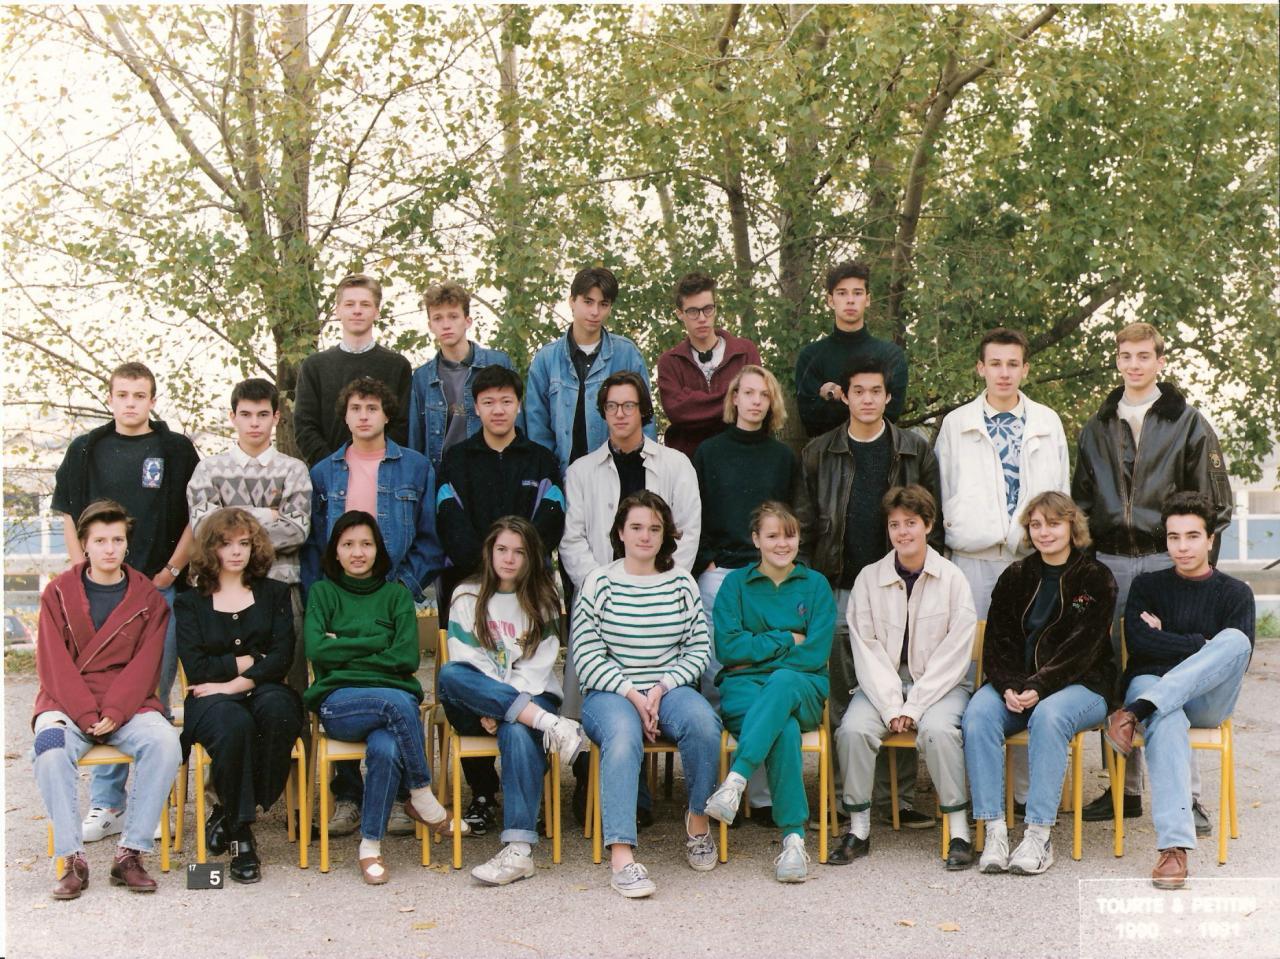 1991 - T C3